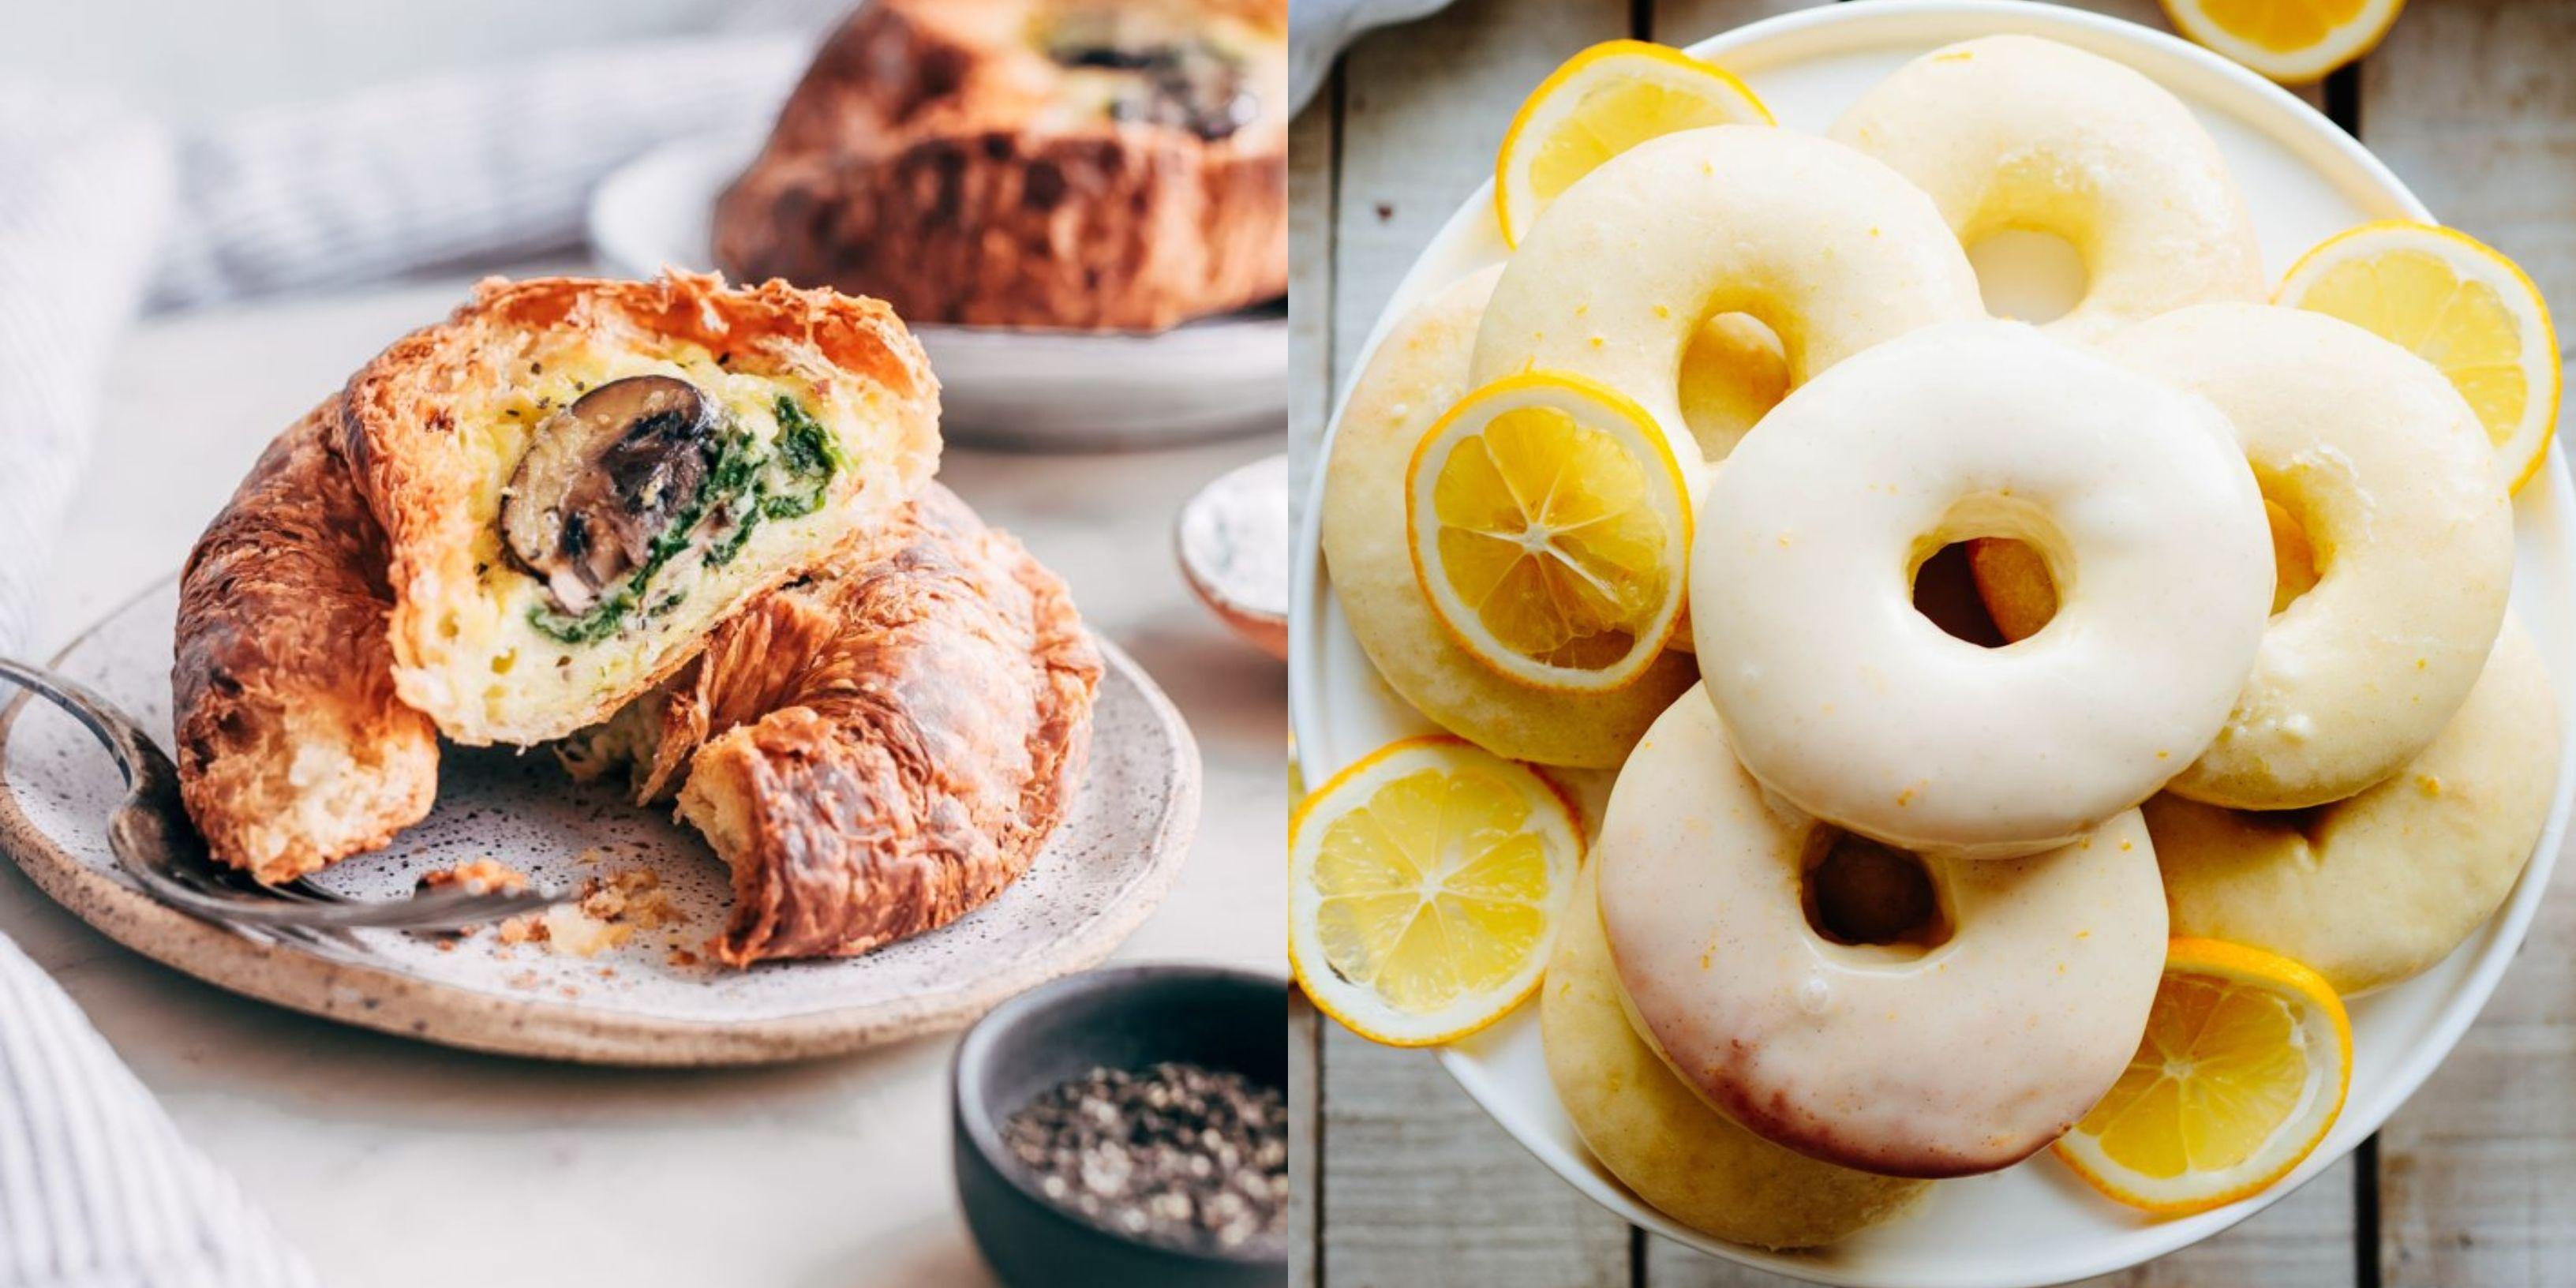 Gormet Easter Brunch Ideas 2019 65 Best Easter Brunch Recipes   Menu Ideas for Easter Brunch